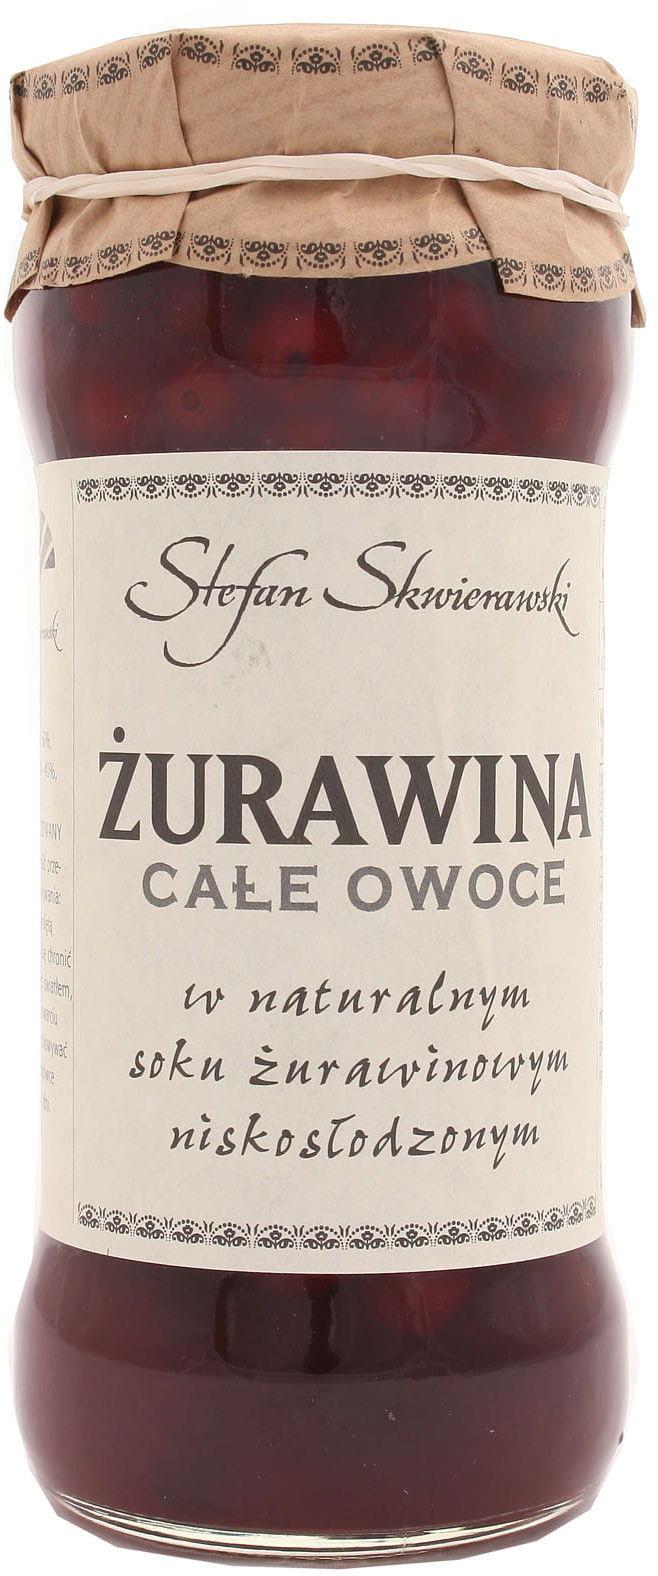 Żurawina całe owoce - Skwierawski - 360g